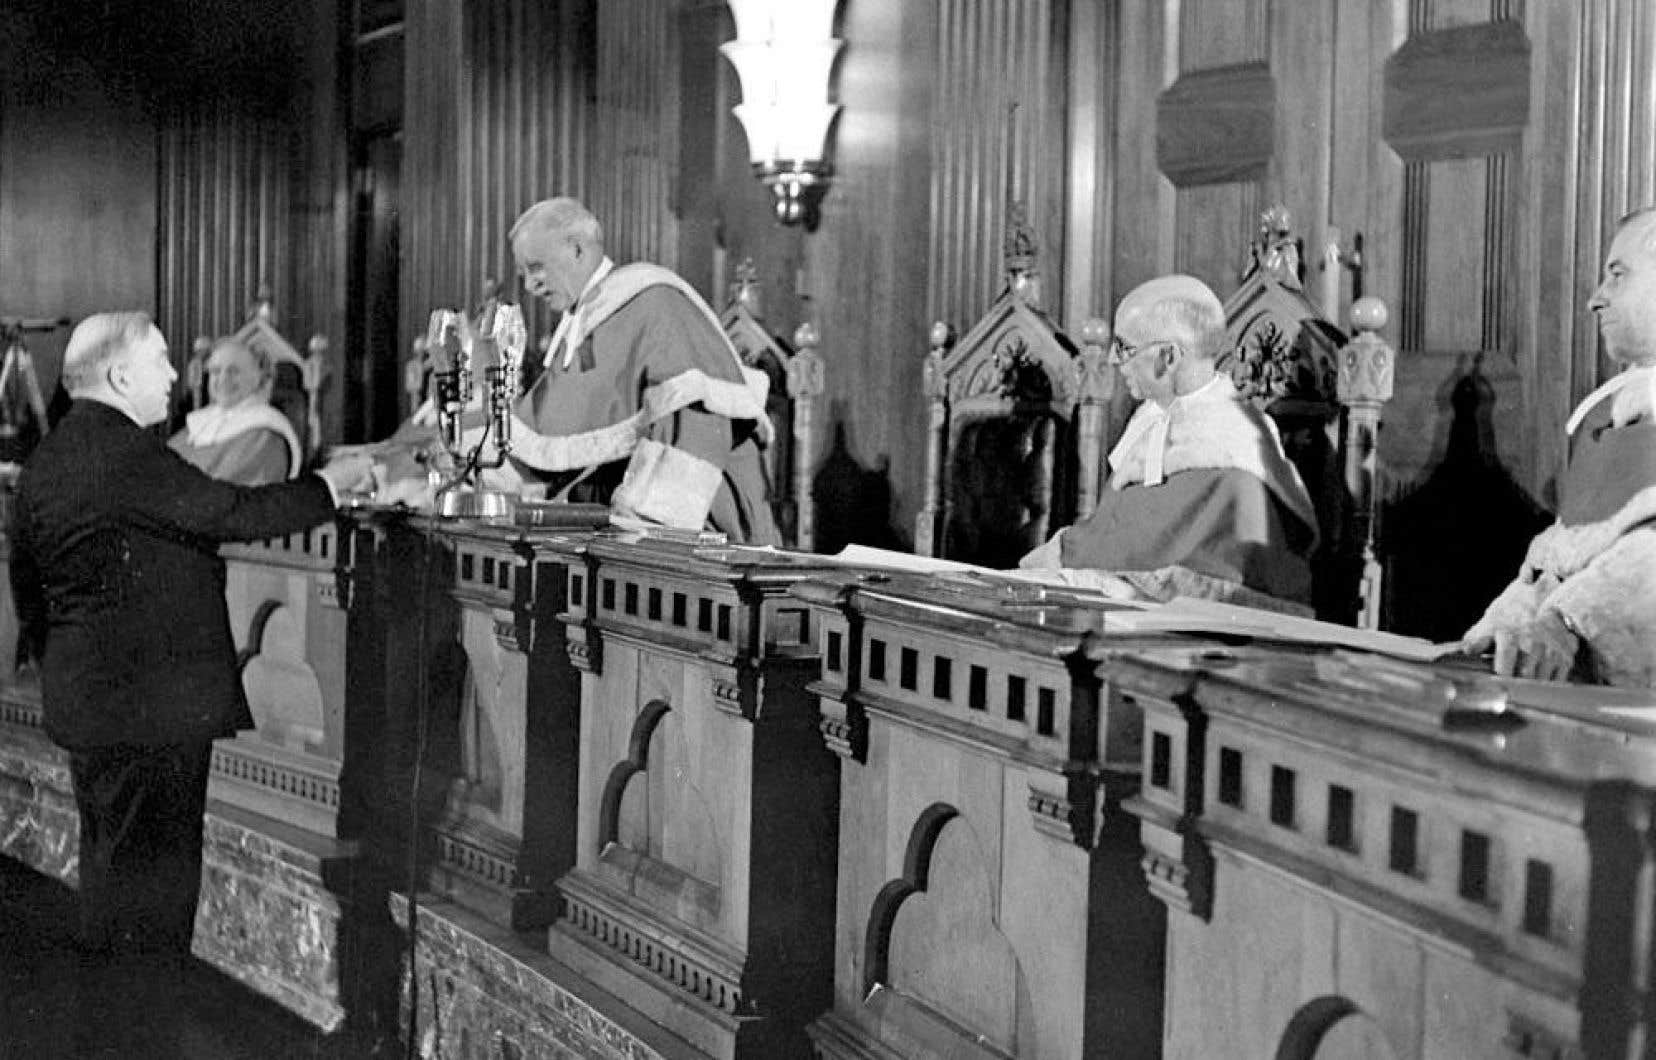 Le juge en chef Thibaudeau Rinfret remet à W. L. Mackenzie King le tout premier certificat de citoyenneté.